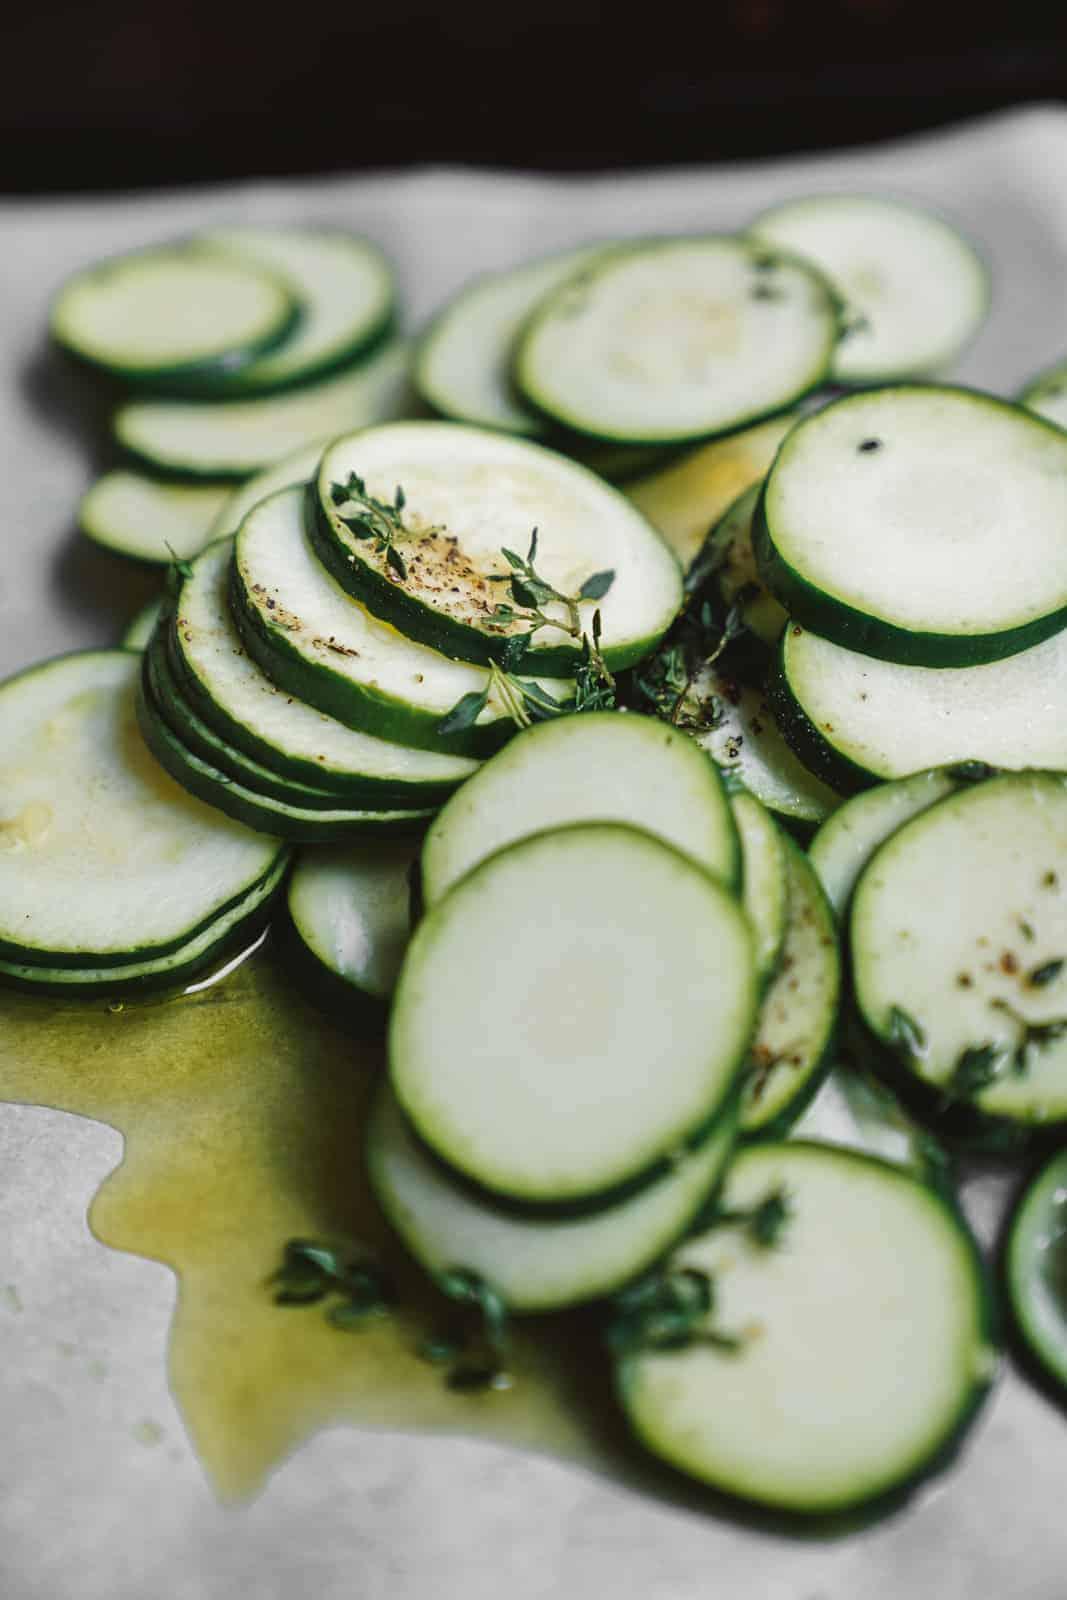 Tasty baked zucchini